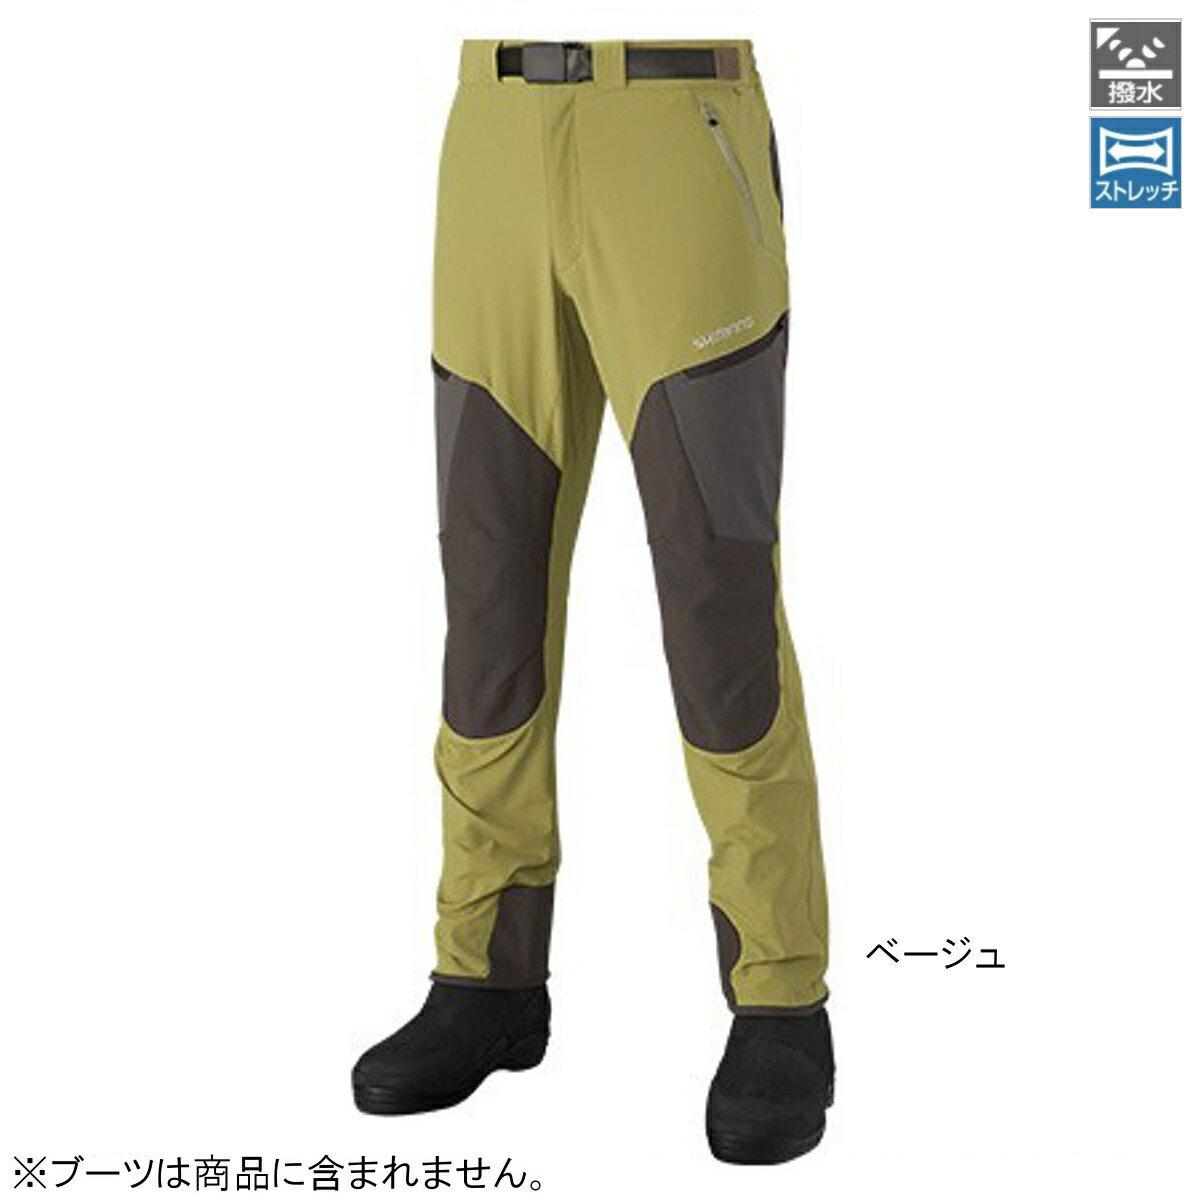 シマノ 撥水ストレッチパンツ PA-041R XL ベージュ【送料無料】